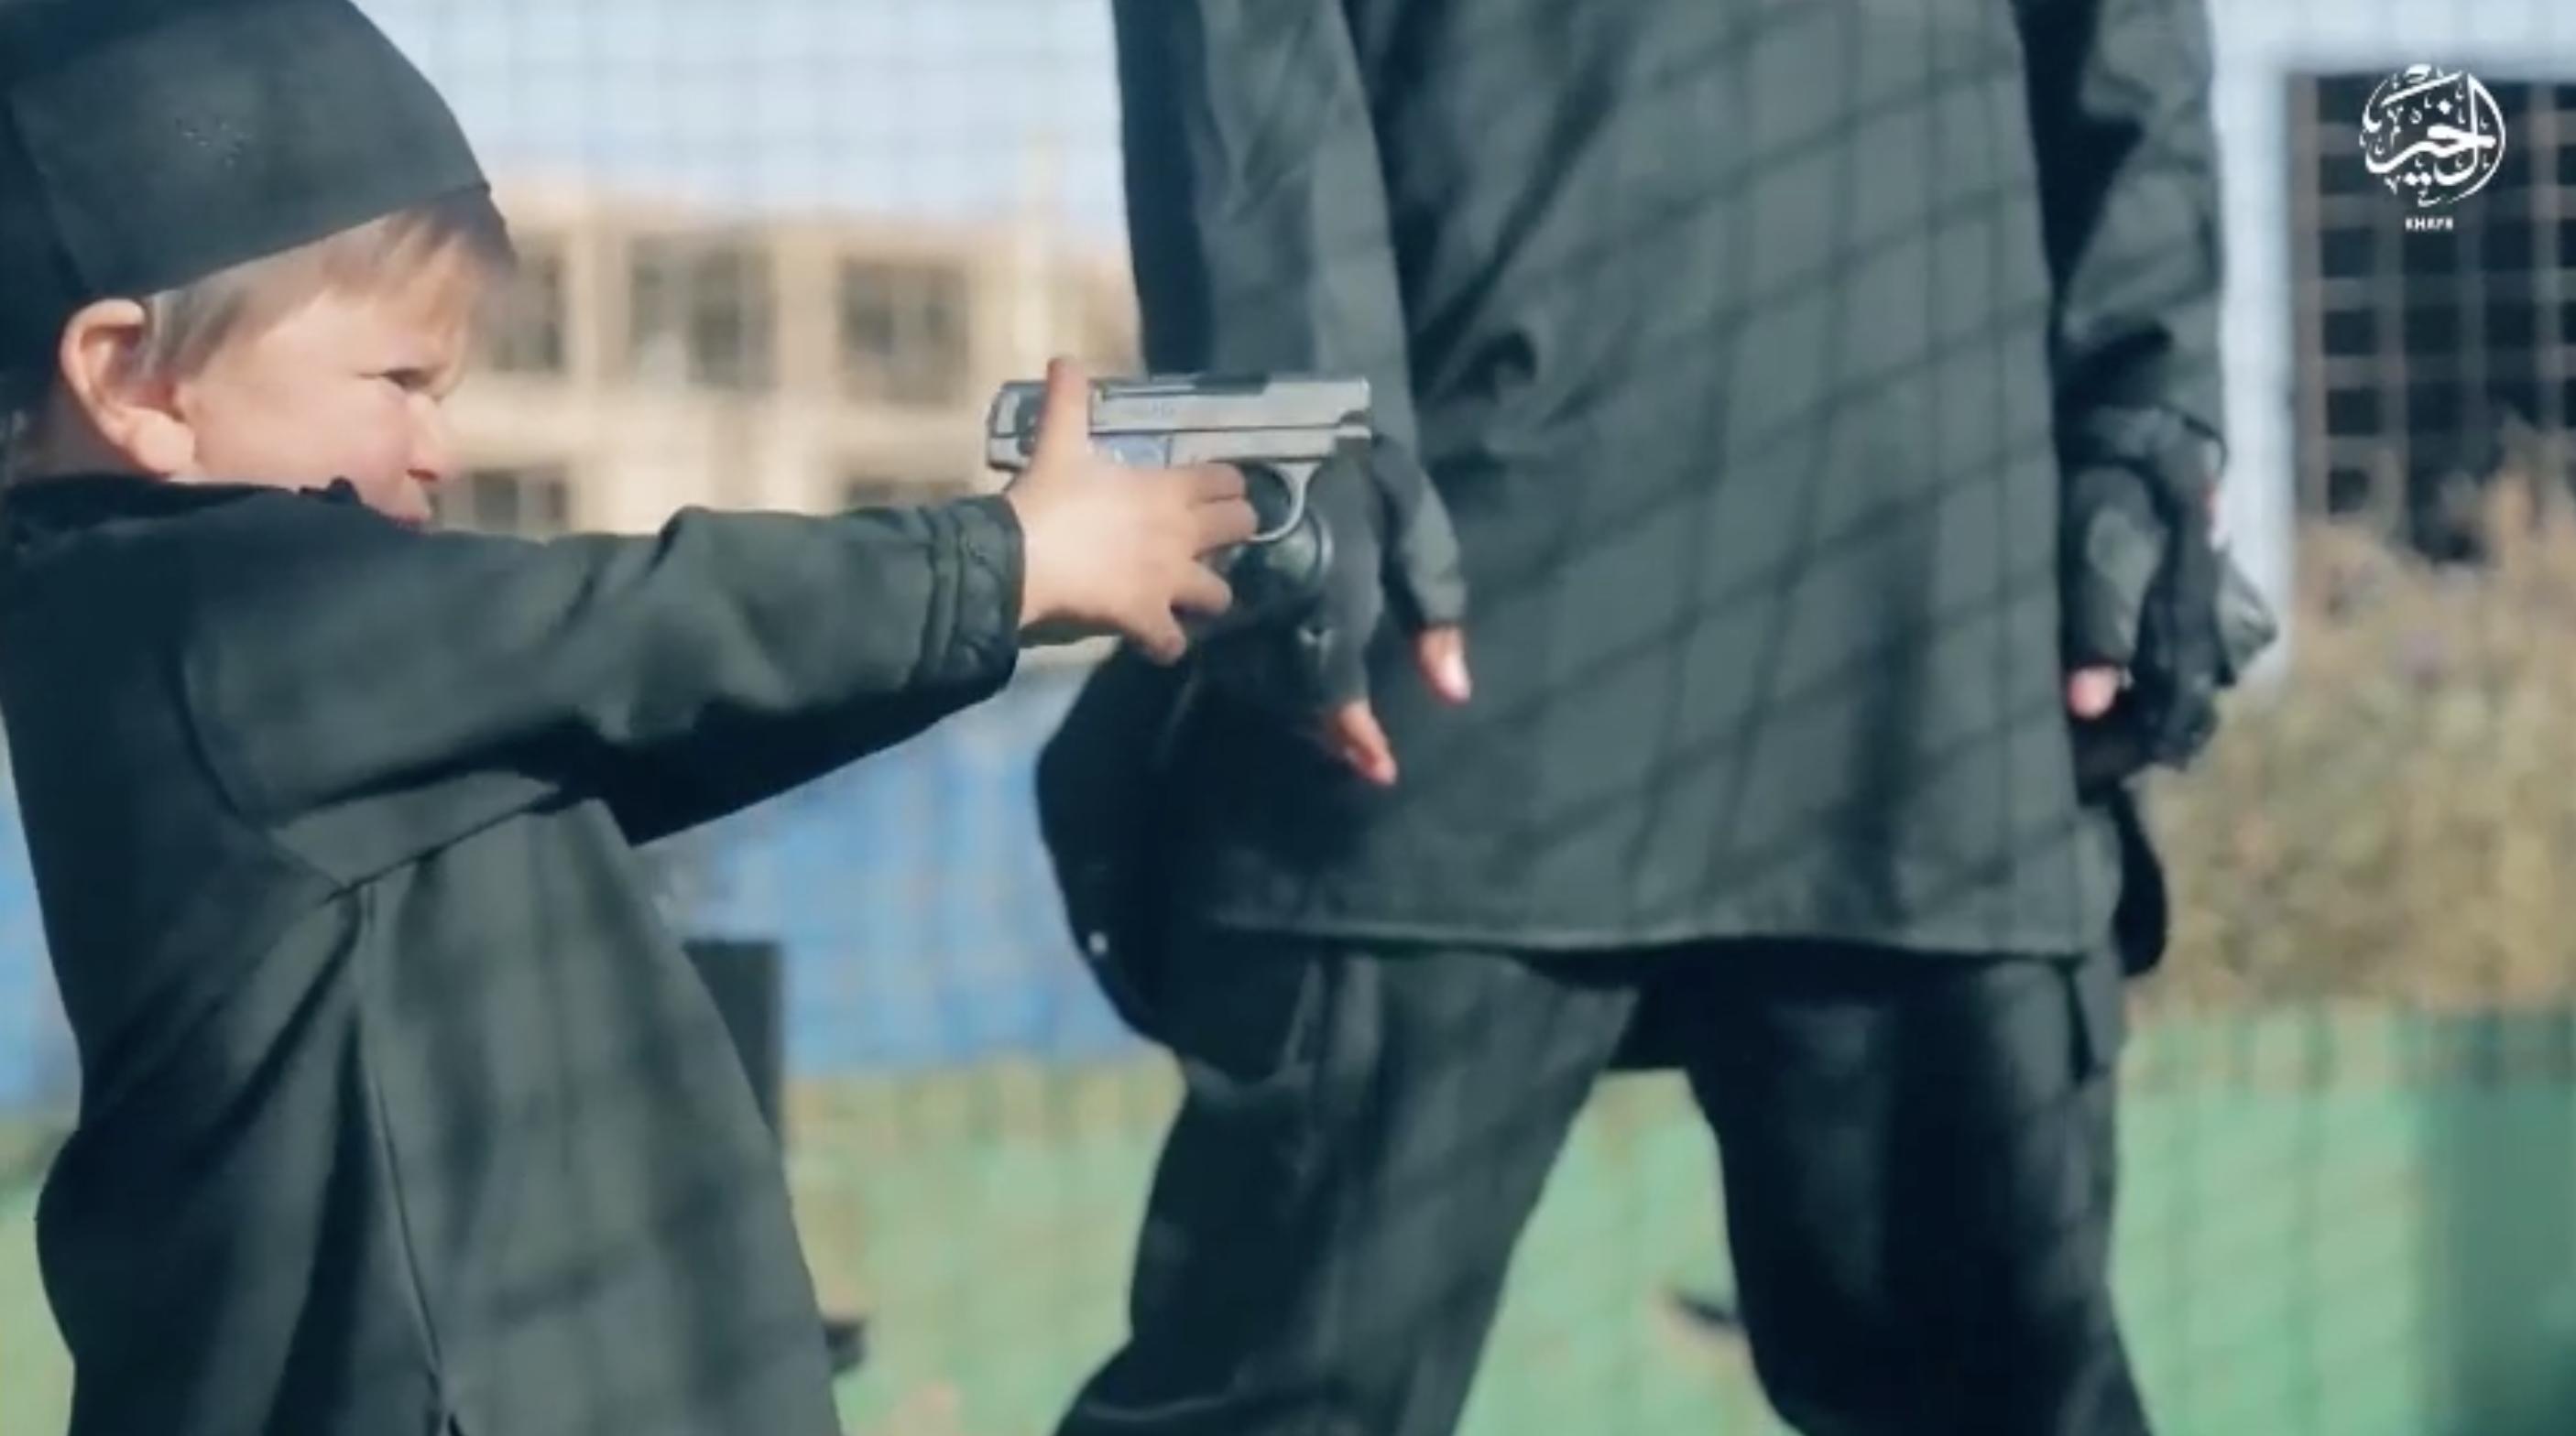 Последний видеоролик: ИГИЛ превращает детей в палачей